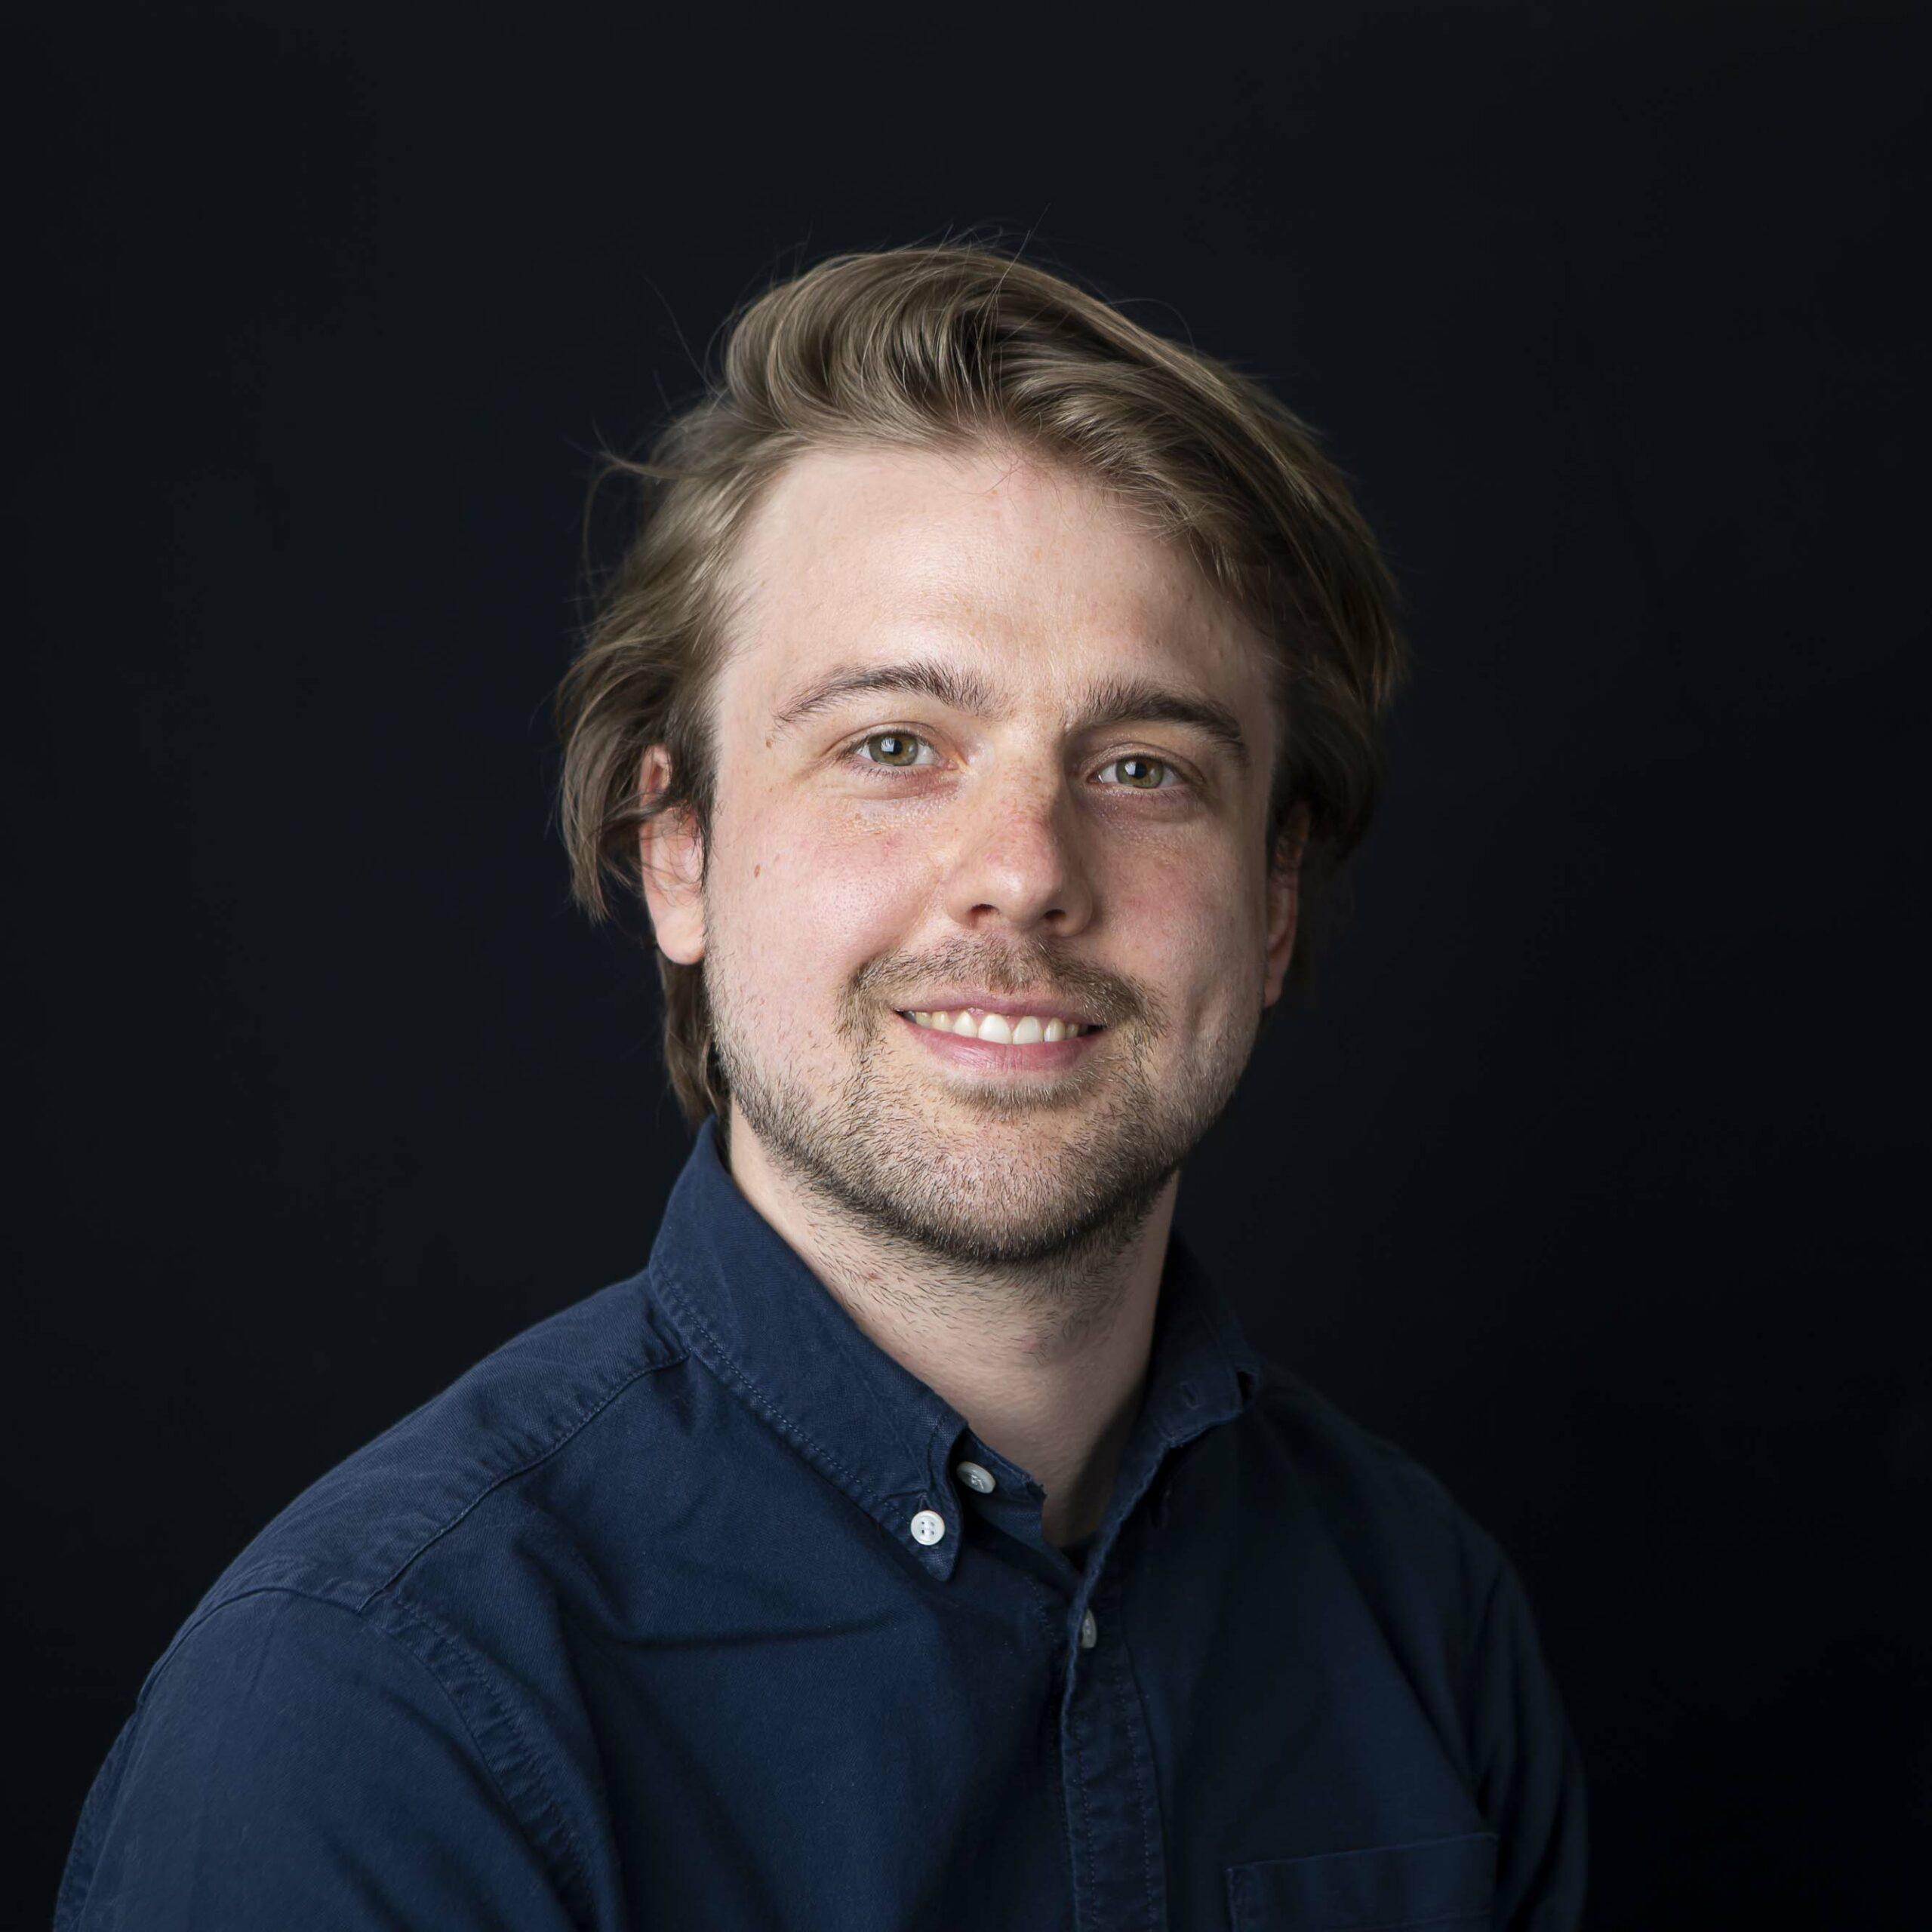 Maarten Wens